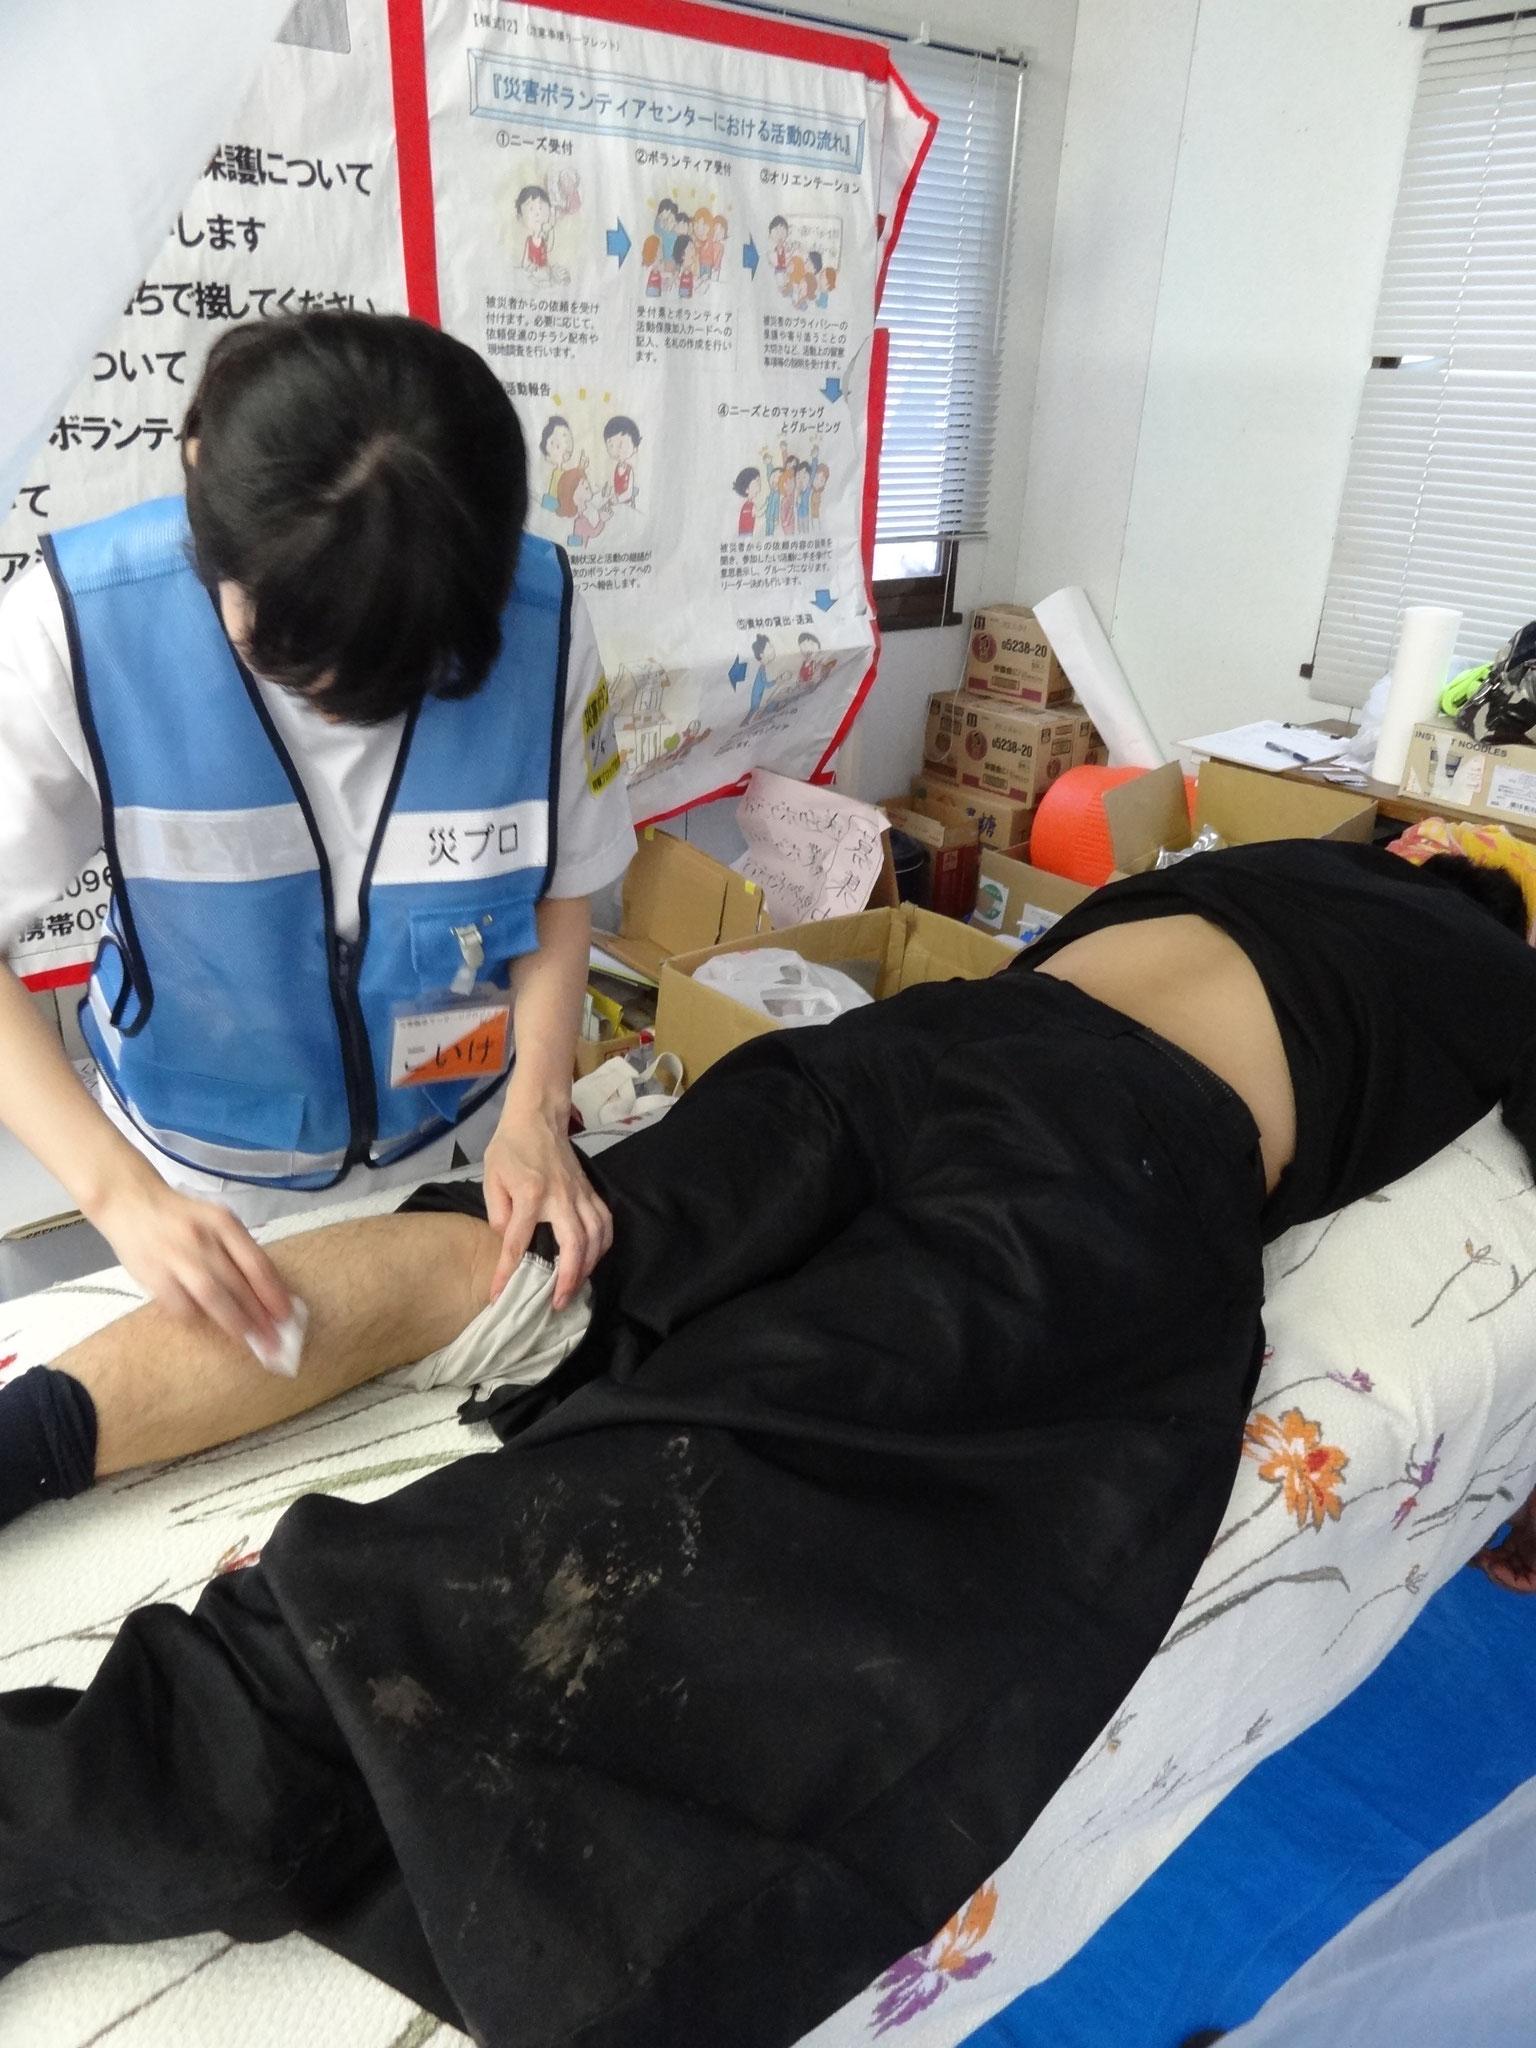 施術中の小池鍼灸師 西原村ボランティアセンターにて